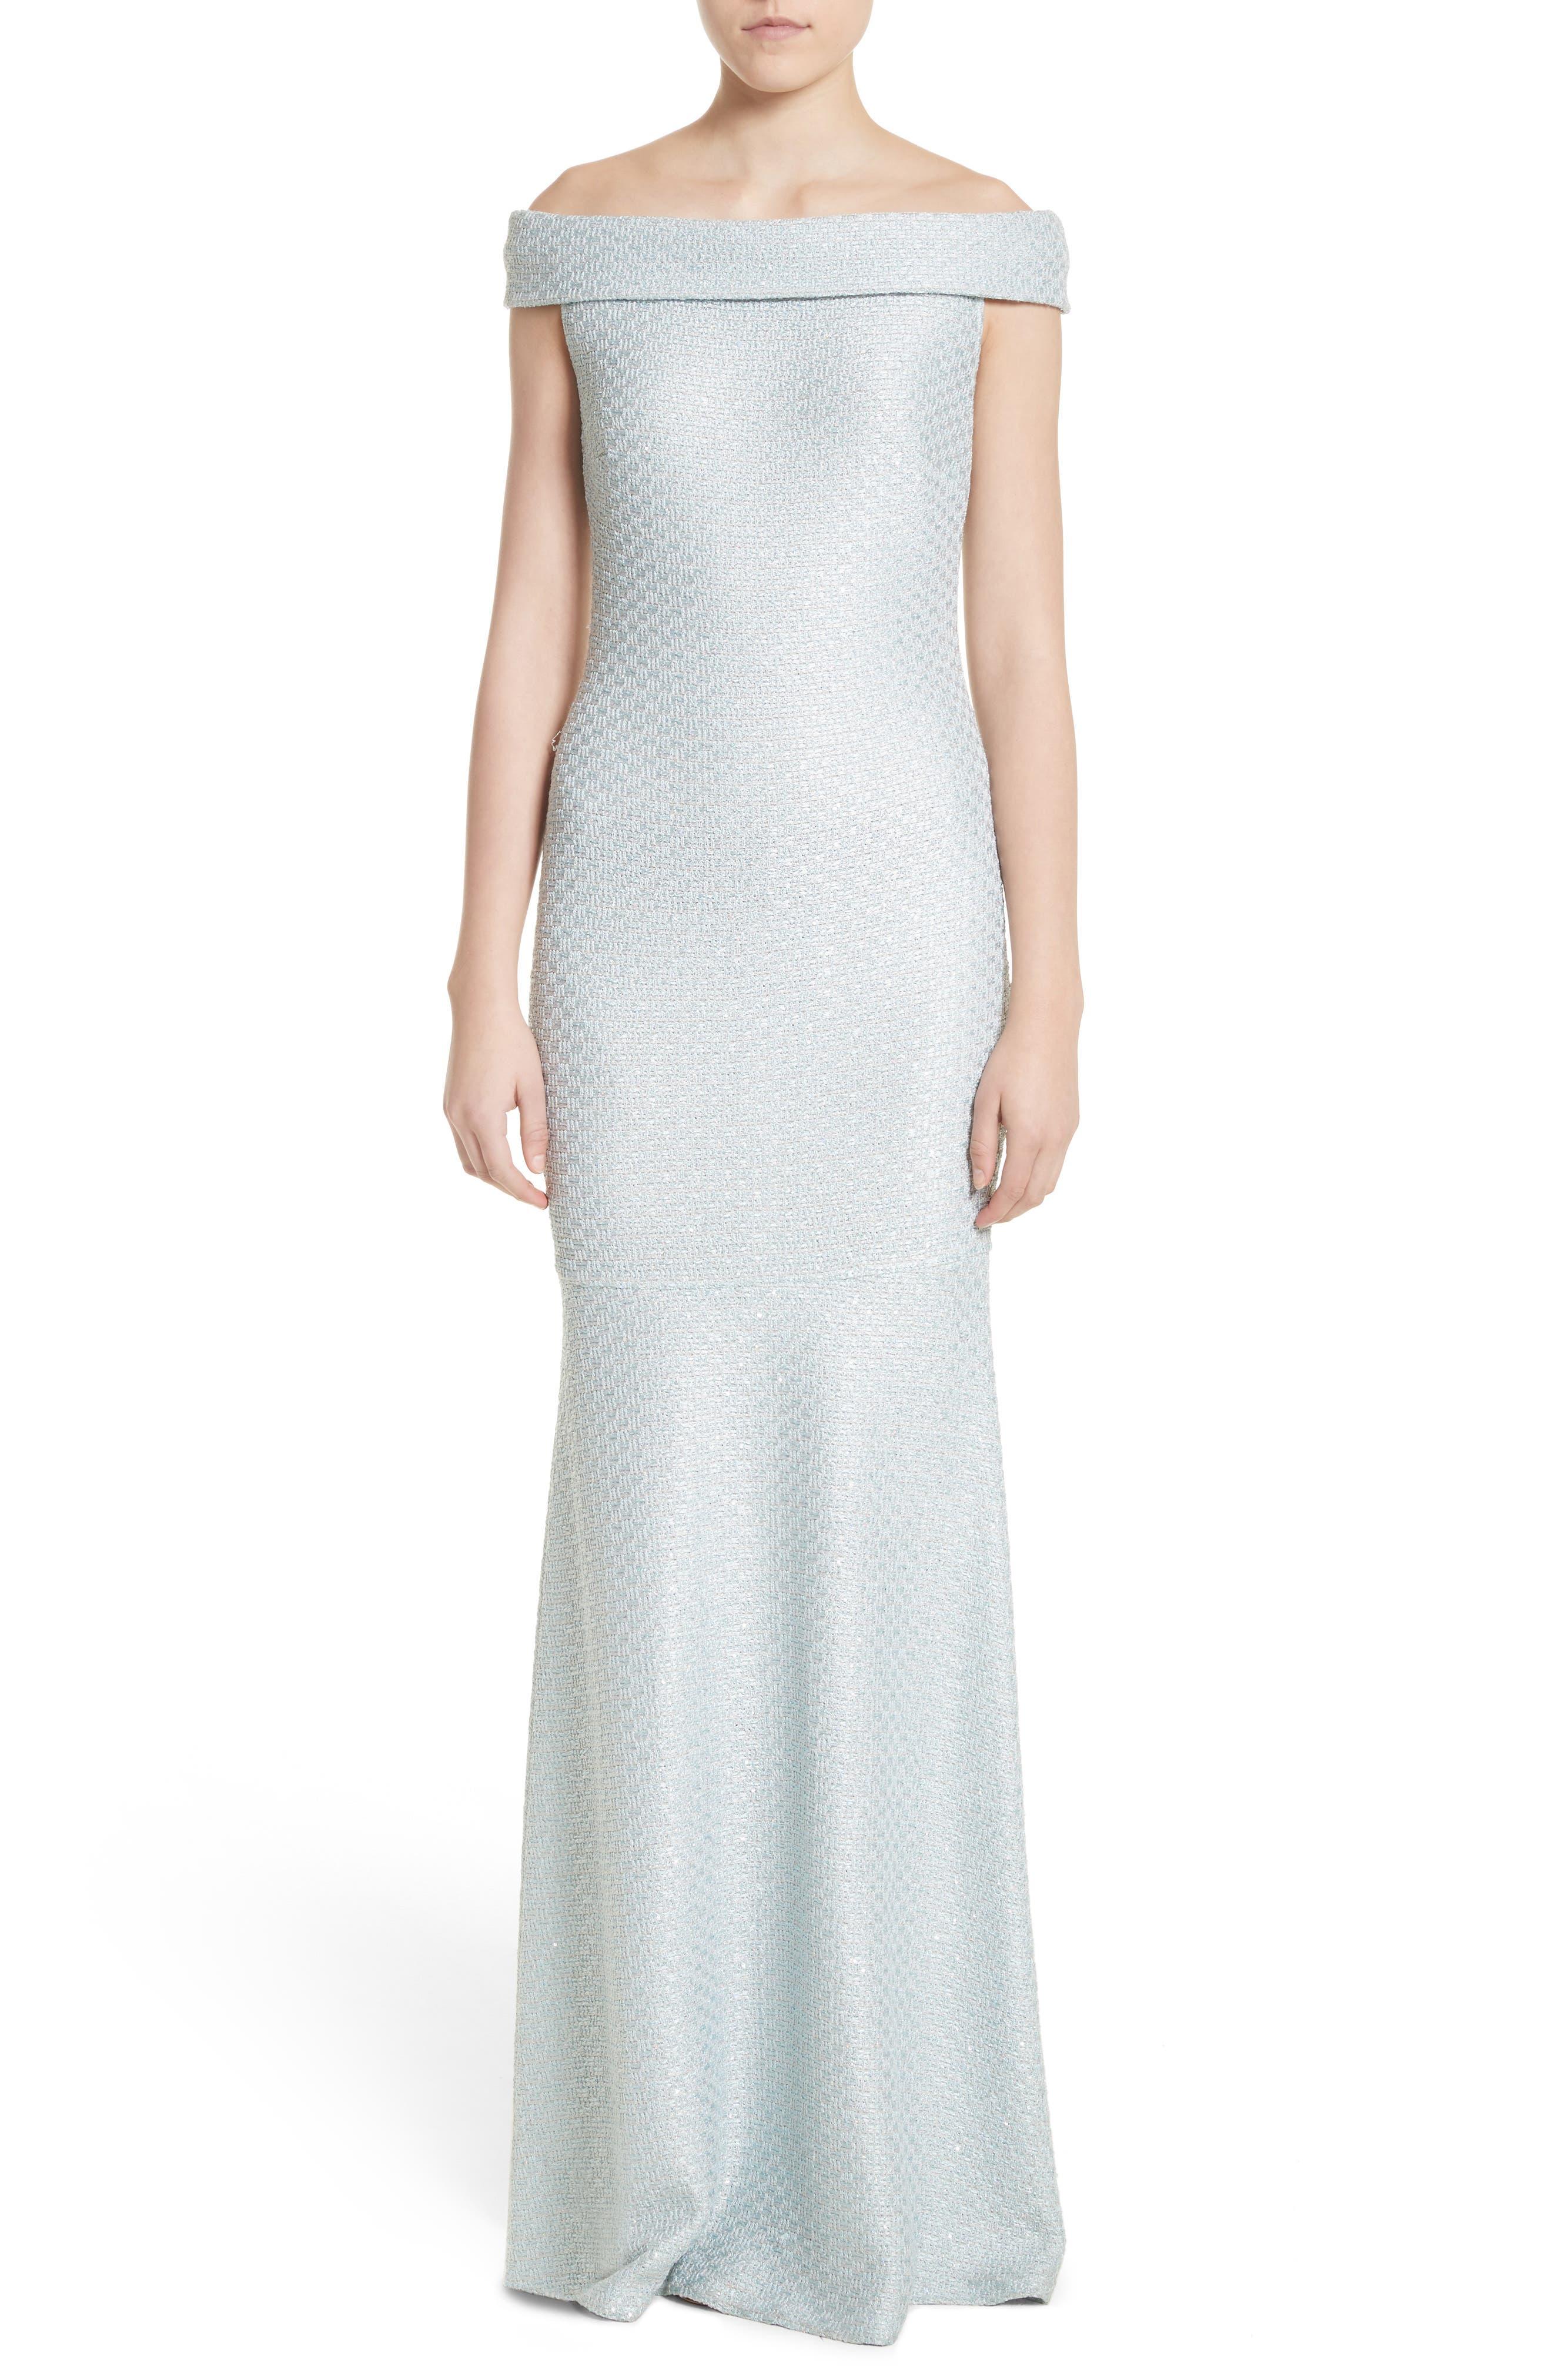 Hansh Sequin Knit Off the Shoulder Gown,                         Main,                         color, MINT